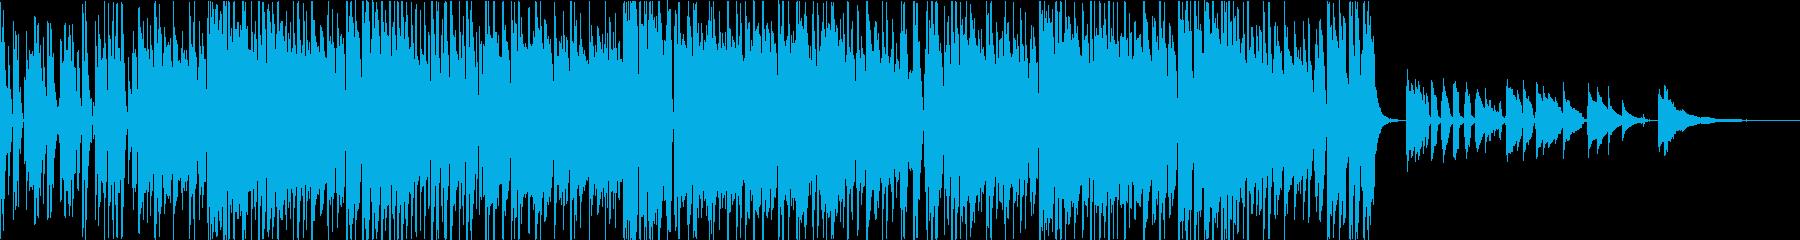 荒城の月のエレクトロファンクのアレンジの再生済みの波形